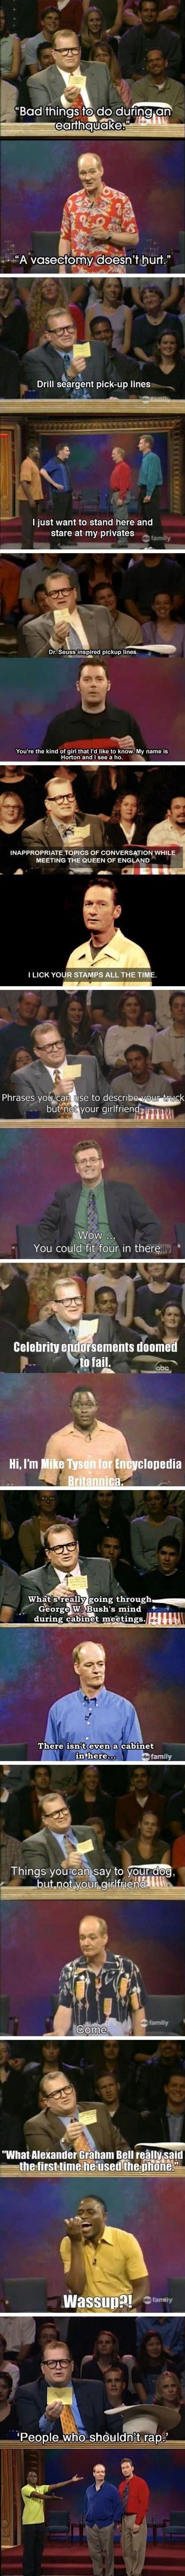 Brilliant Responses